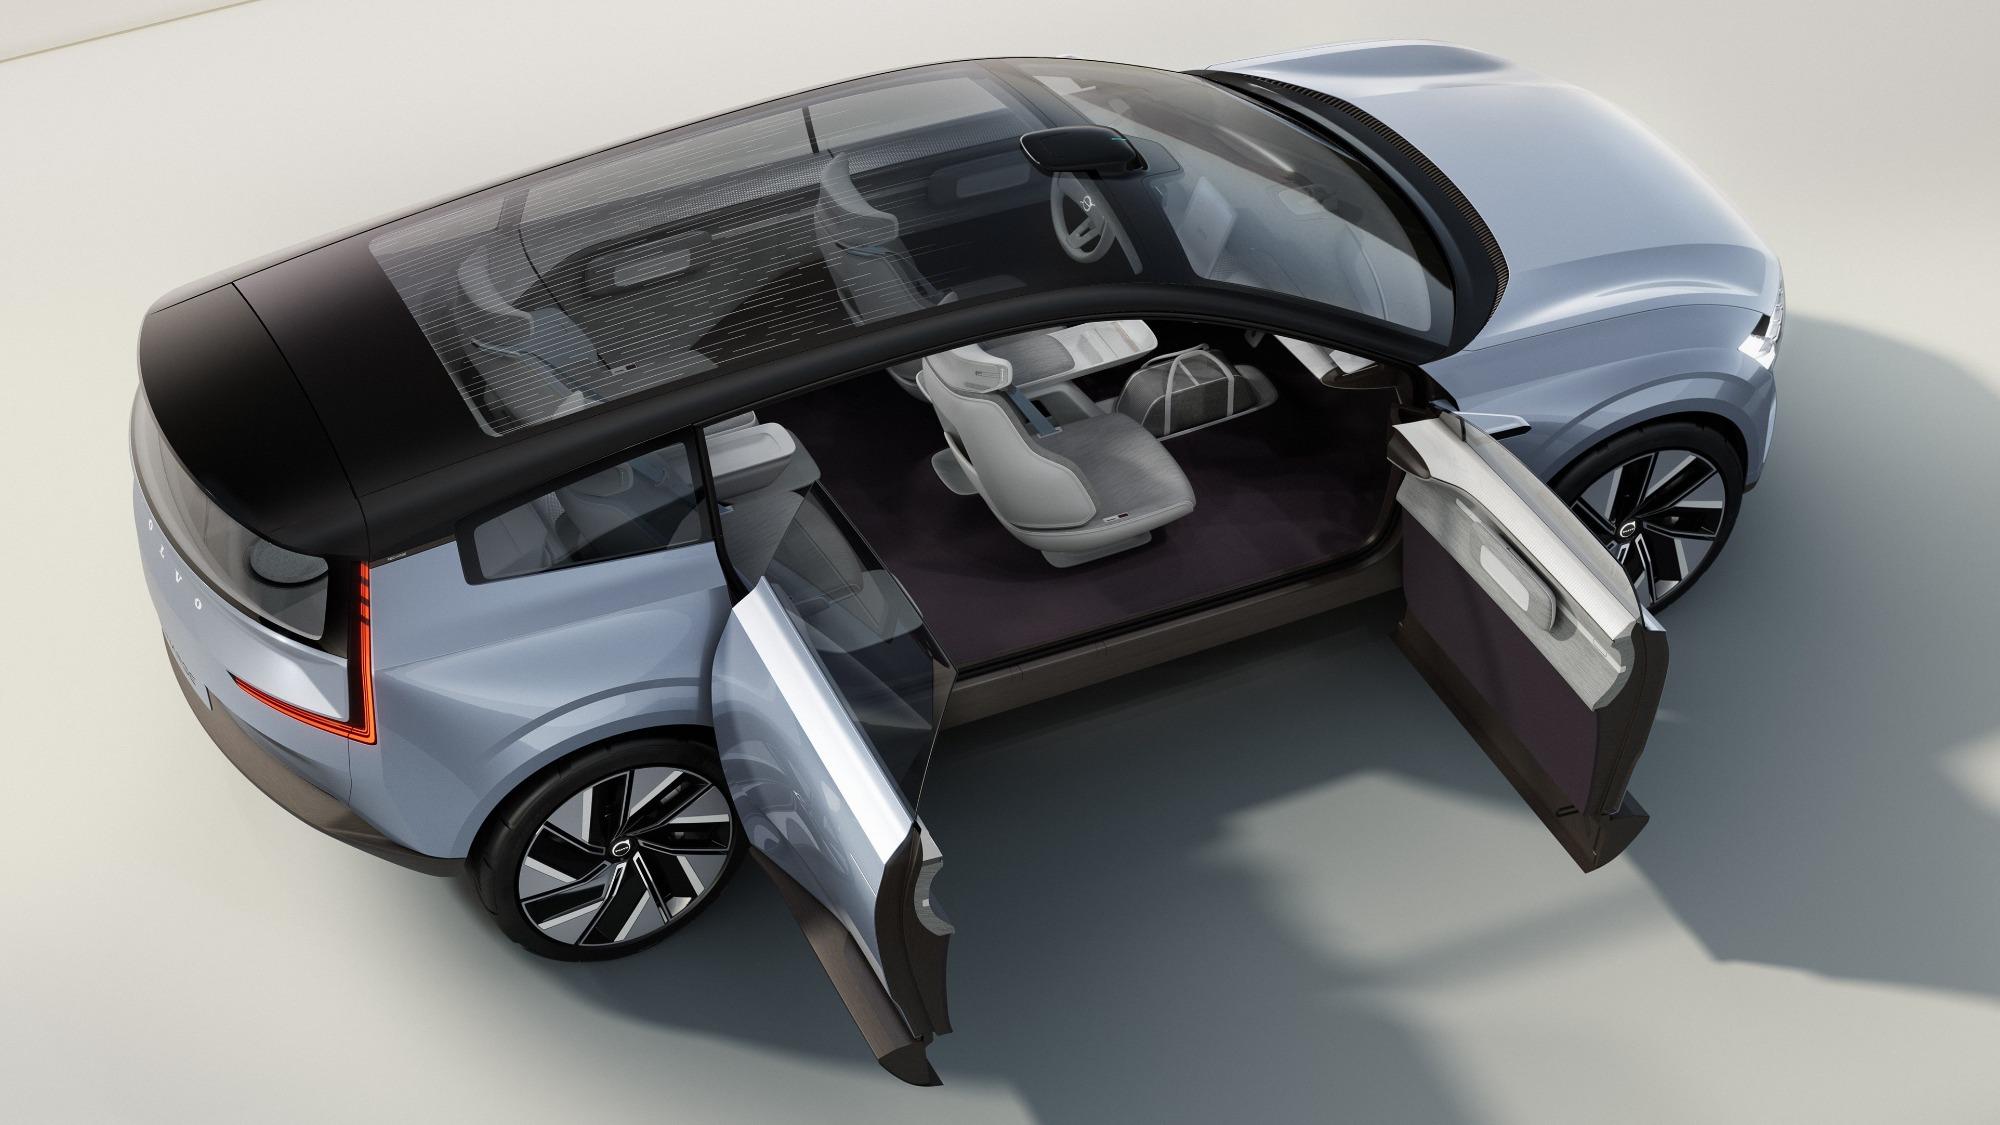 Conceito do Volvo Recharge azul claro visto de cima